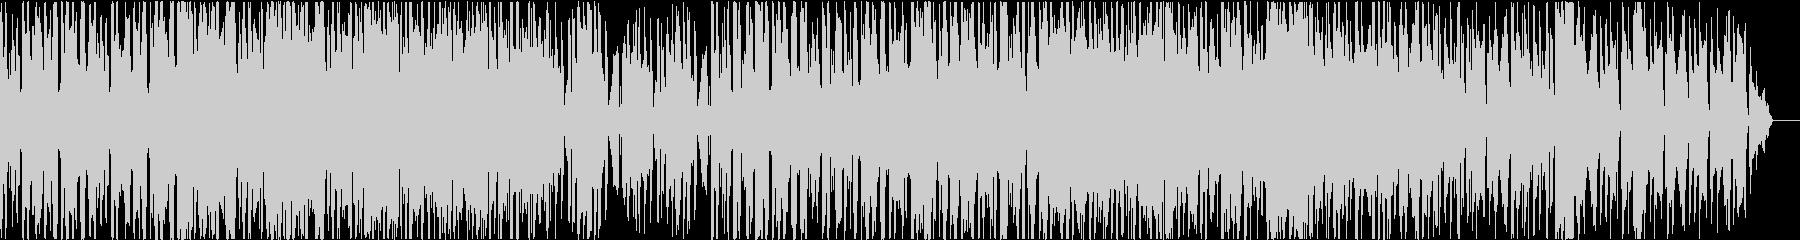 攻撃的エレクトロなインダストリアルメタルの未再生の波形